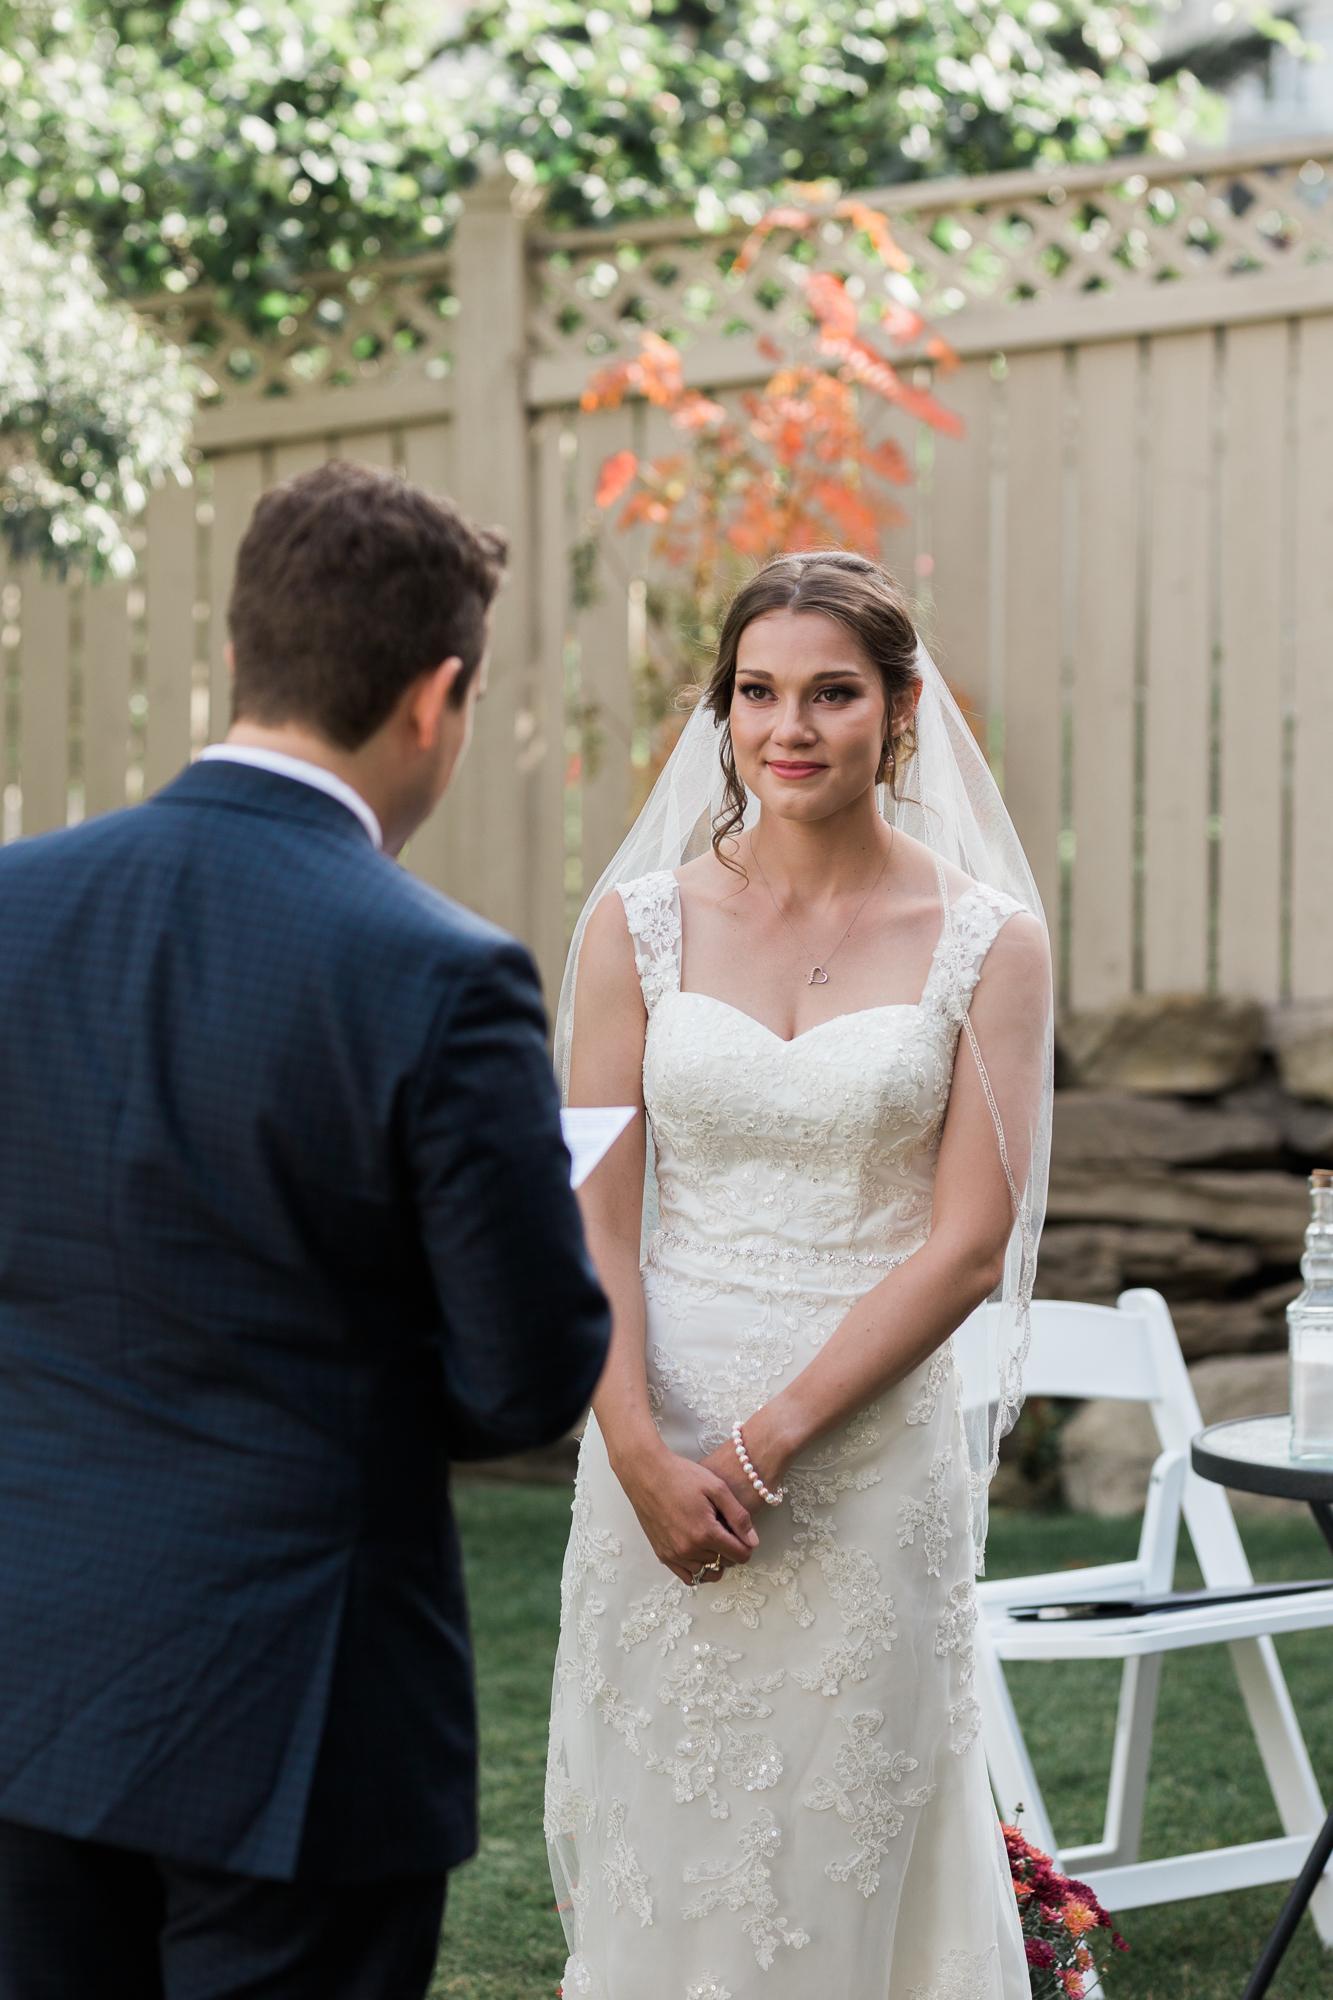 Deanna-Rachel-Photography-calgary-Wedding-photographer-jm-61.jpg